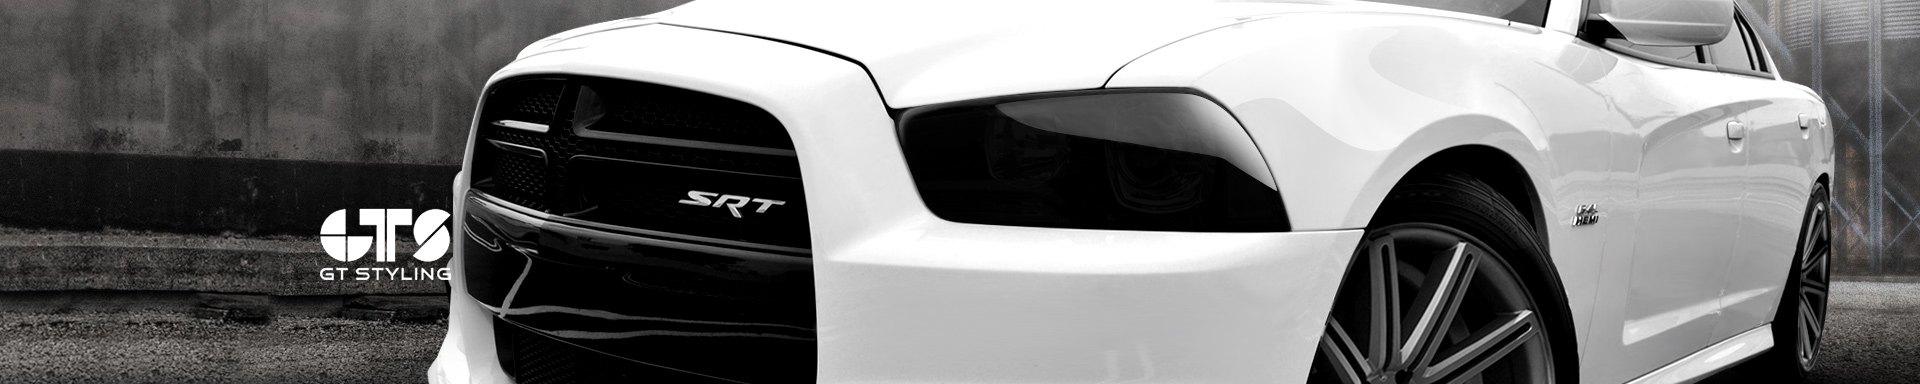 GT Styling 78540S Smoke SE Style Bug-Gard Hood Deflector